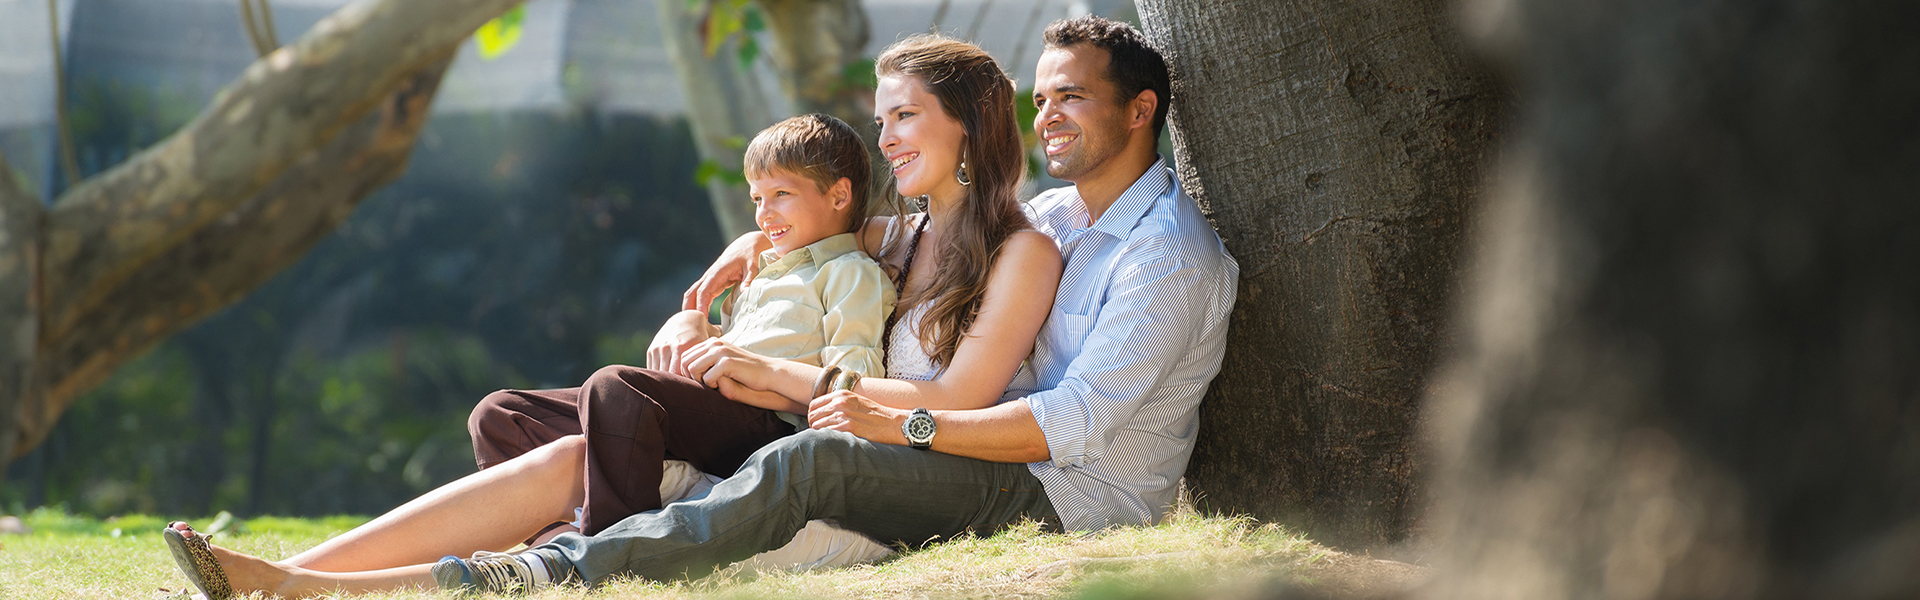 Terapia en familia en Valladolid